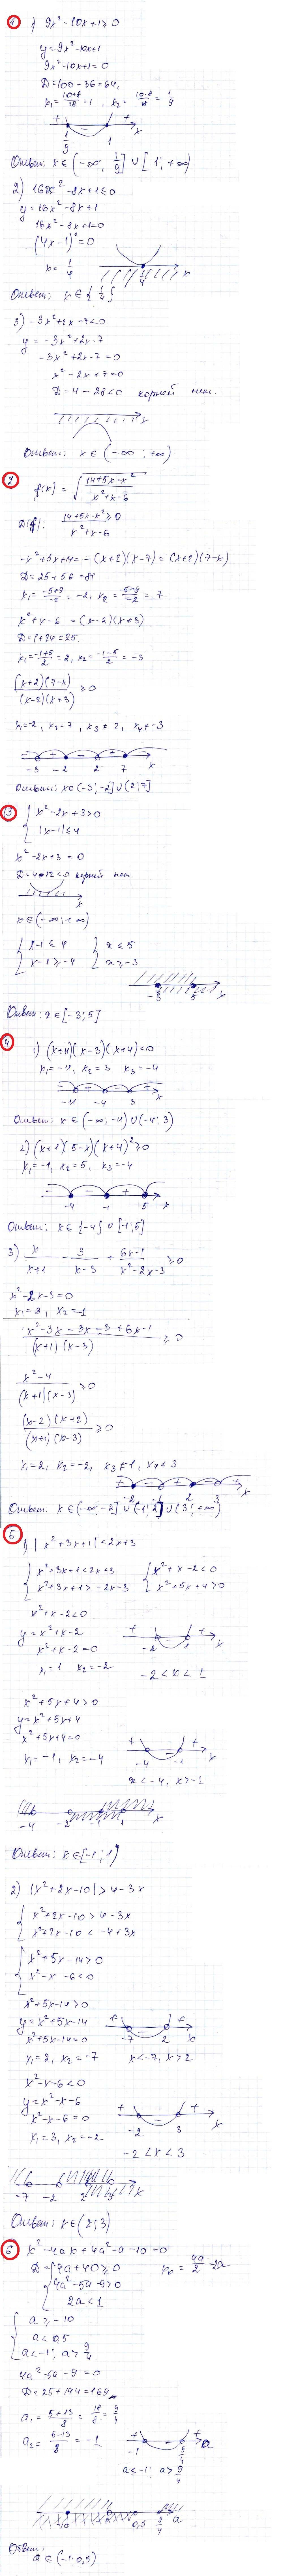 Ответы на КР-2 Решение квадратных неравенств. Алгебра 9 (угл)